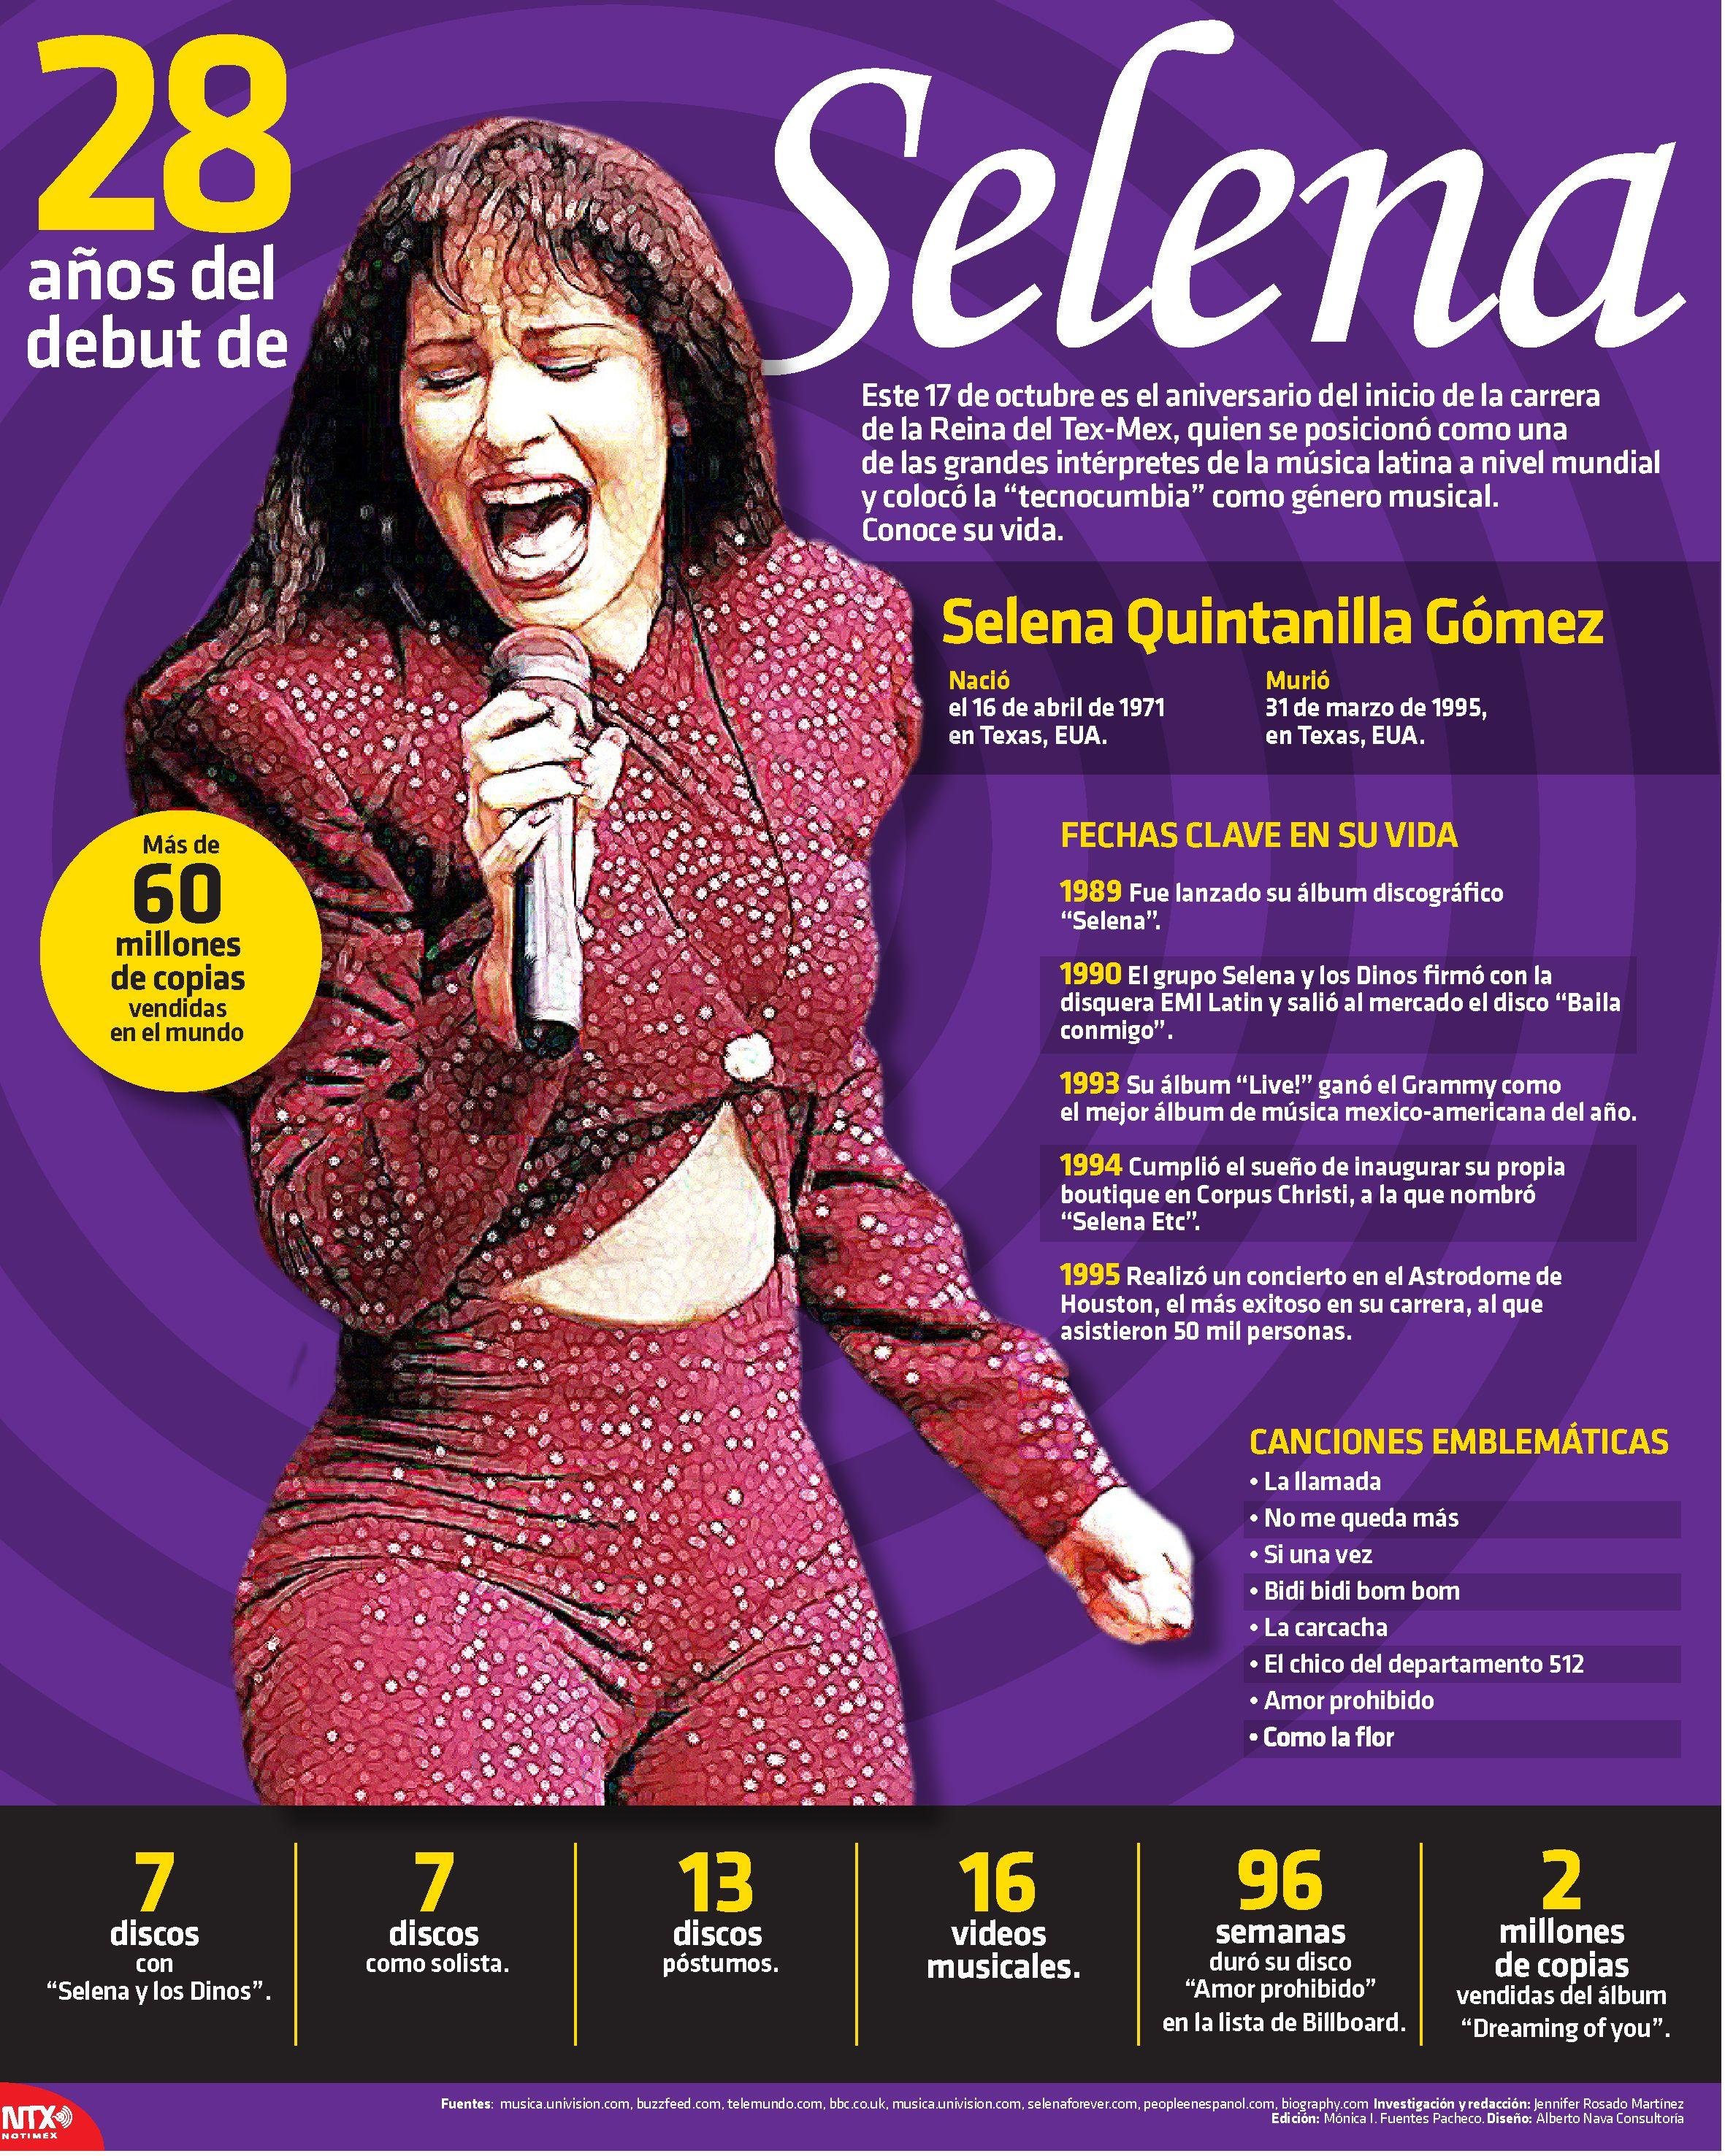 Este 17 De Octubre Es El Aniversario Del Inicio De La Carrera De La Reina Del Tex Mex Selena Infografiantx Selena Heroes De Mexico Ideas De Colegio